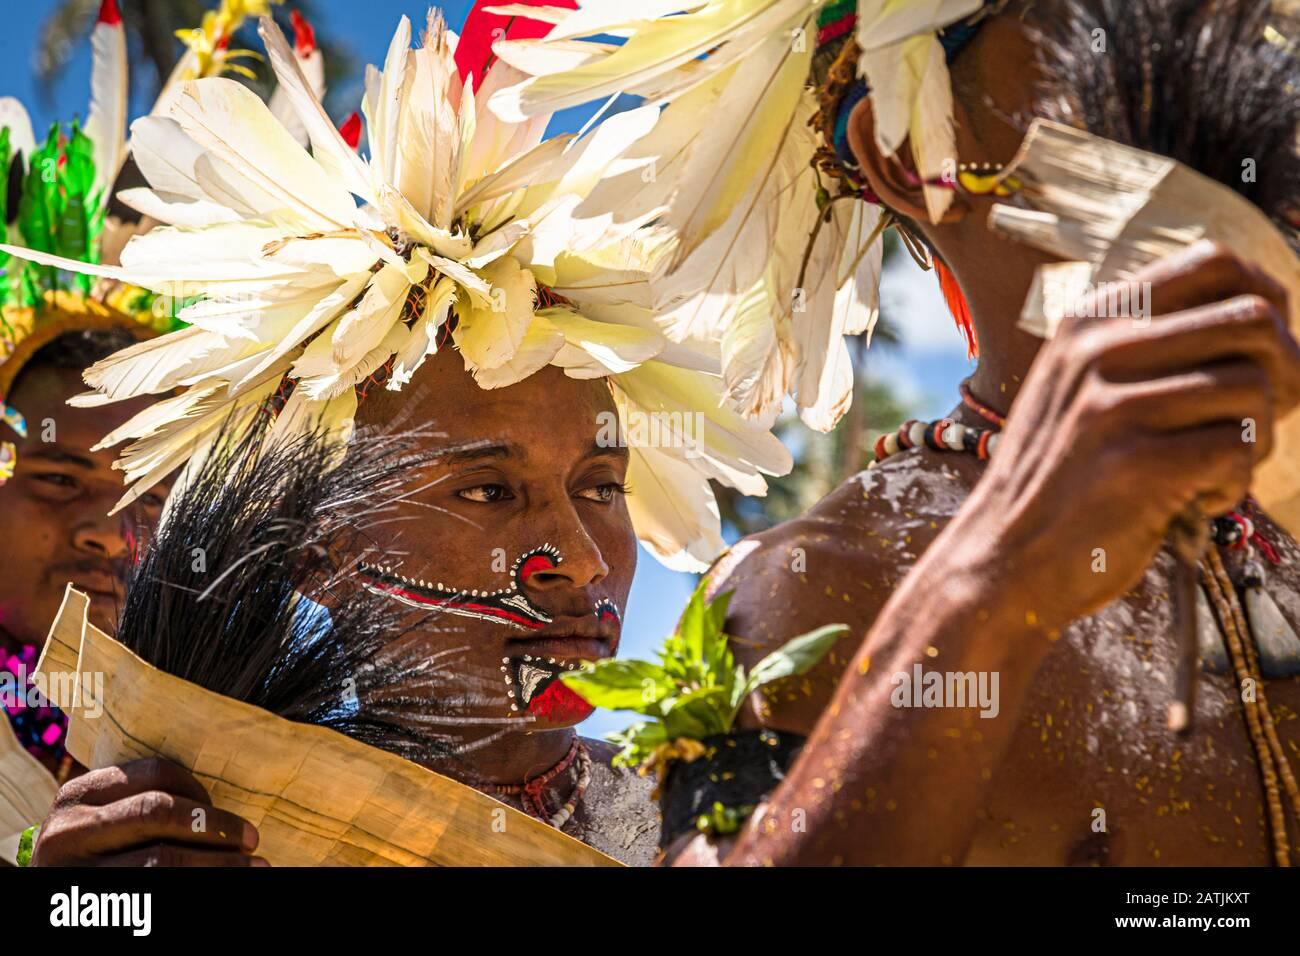 Traditioneller Milamala-Tanz der Trobriand-Inseln während des Festivals der freien Liebe, Kwebwaga, Papua-Neuguinea Stockfoto